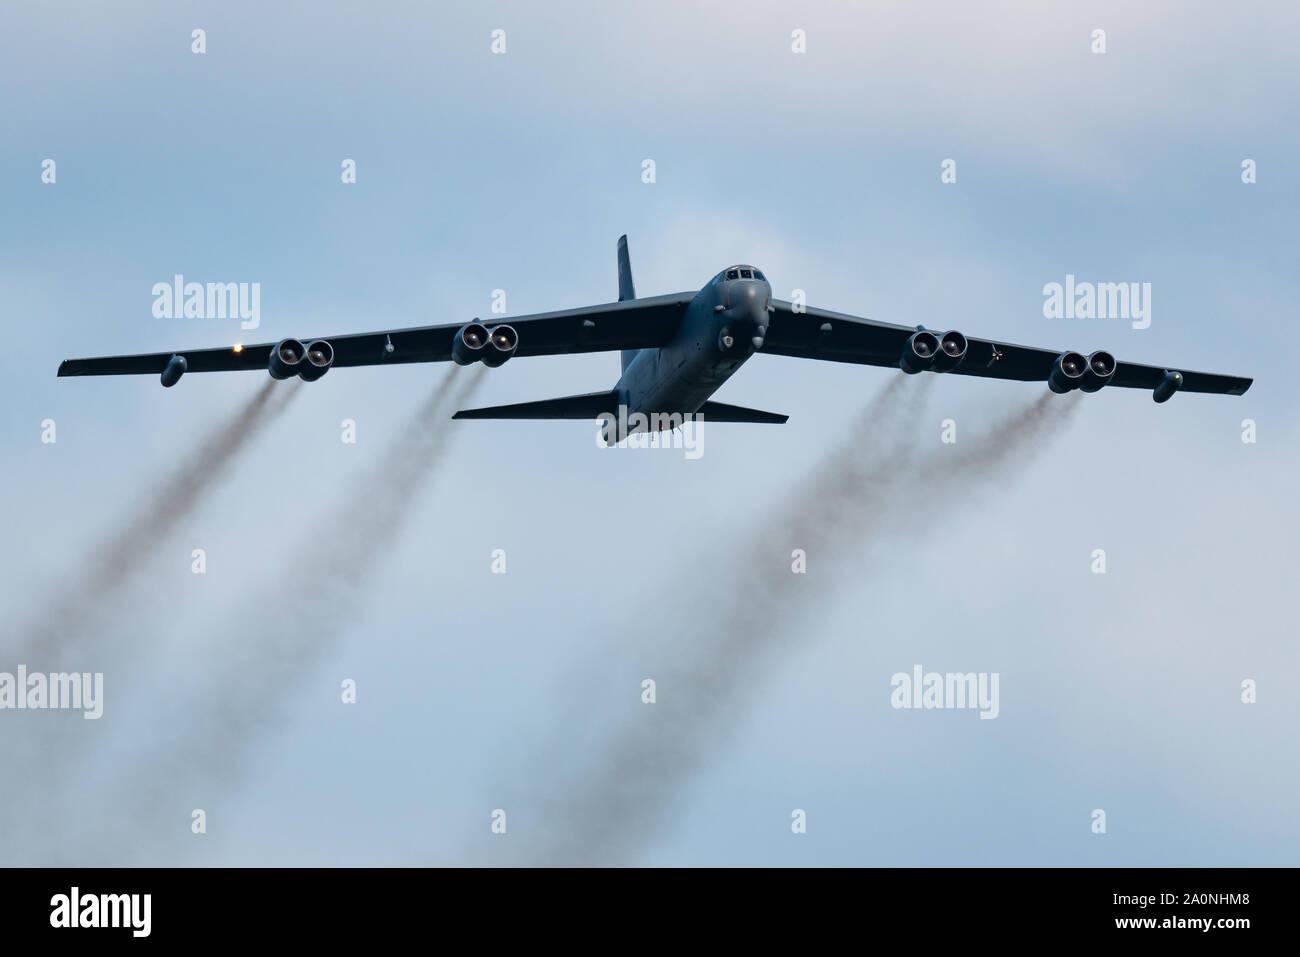 Un Boeing B-52 Stratofortress bombardier stratégique à partir de la Base aérienne de Barksdale de l'United States Air Force. Banque D'Images